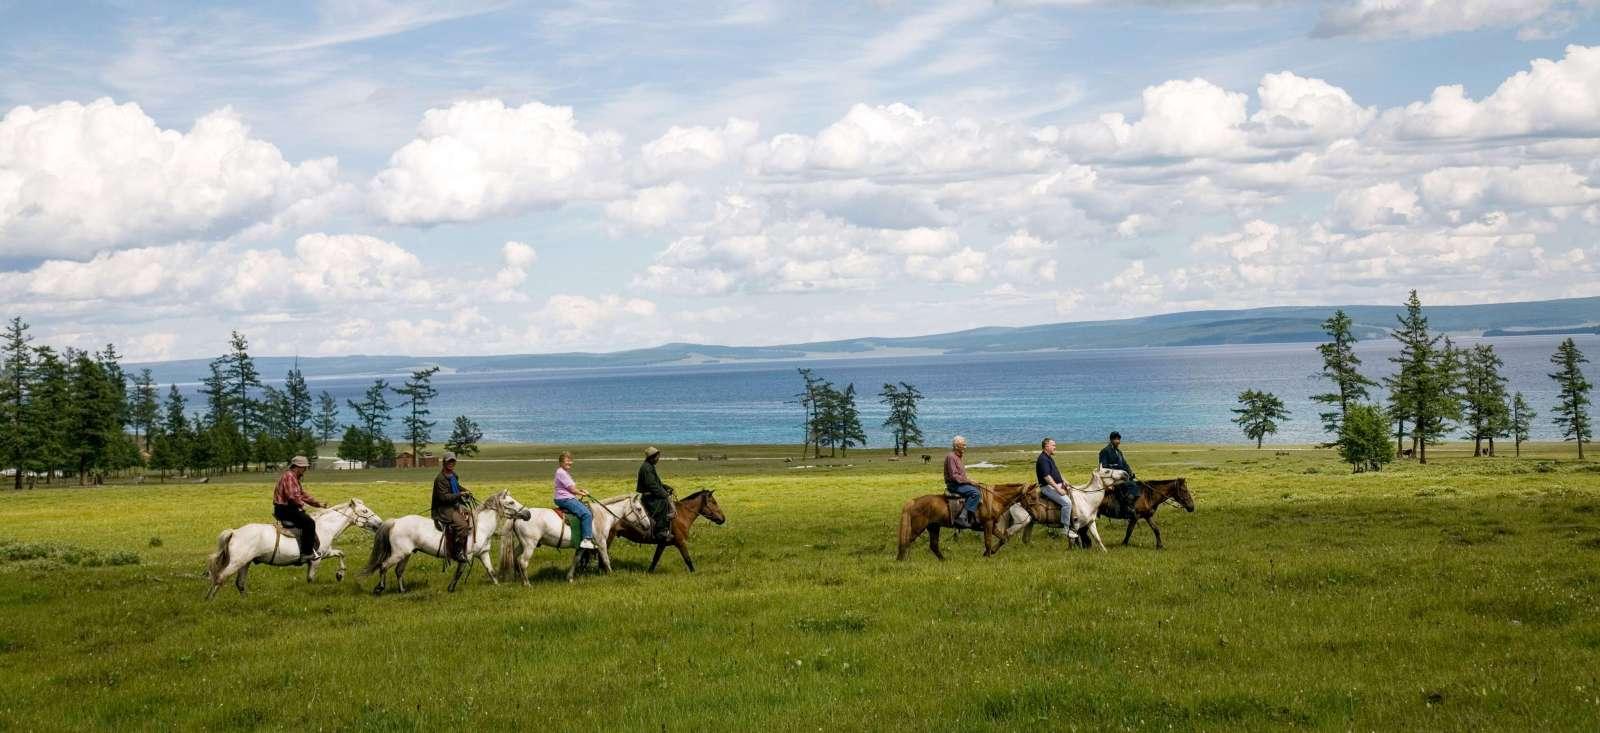 Voyage avec des animaux : Le Khövsgöl, terre inconnue